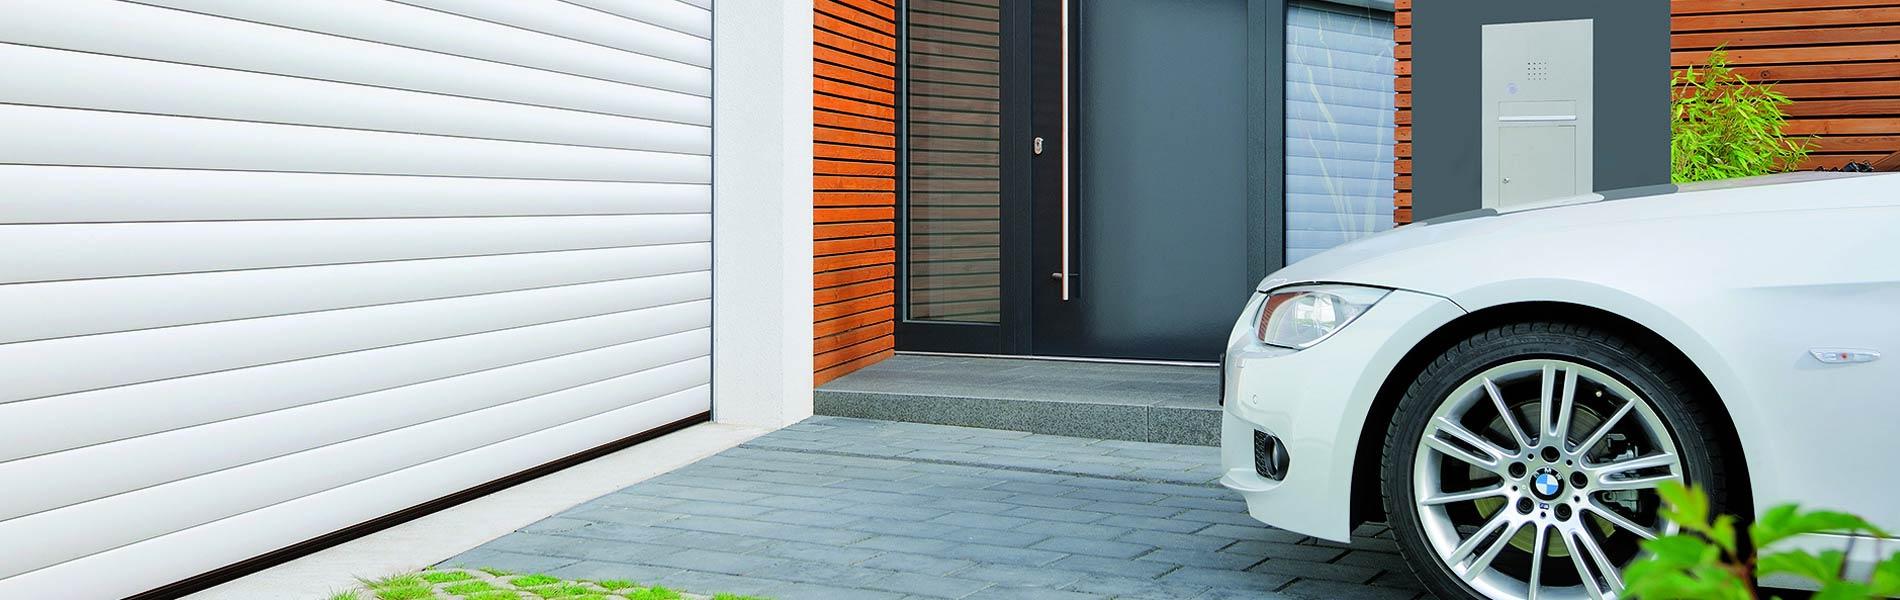 Community Garage Door Service Emergency Garage Door